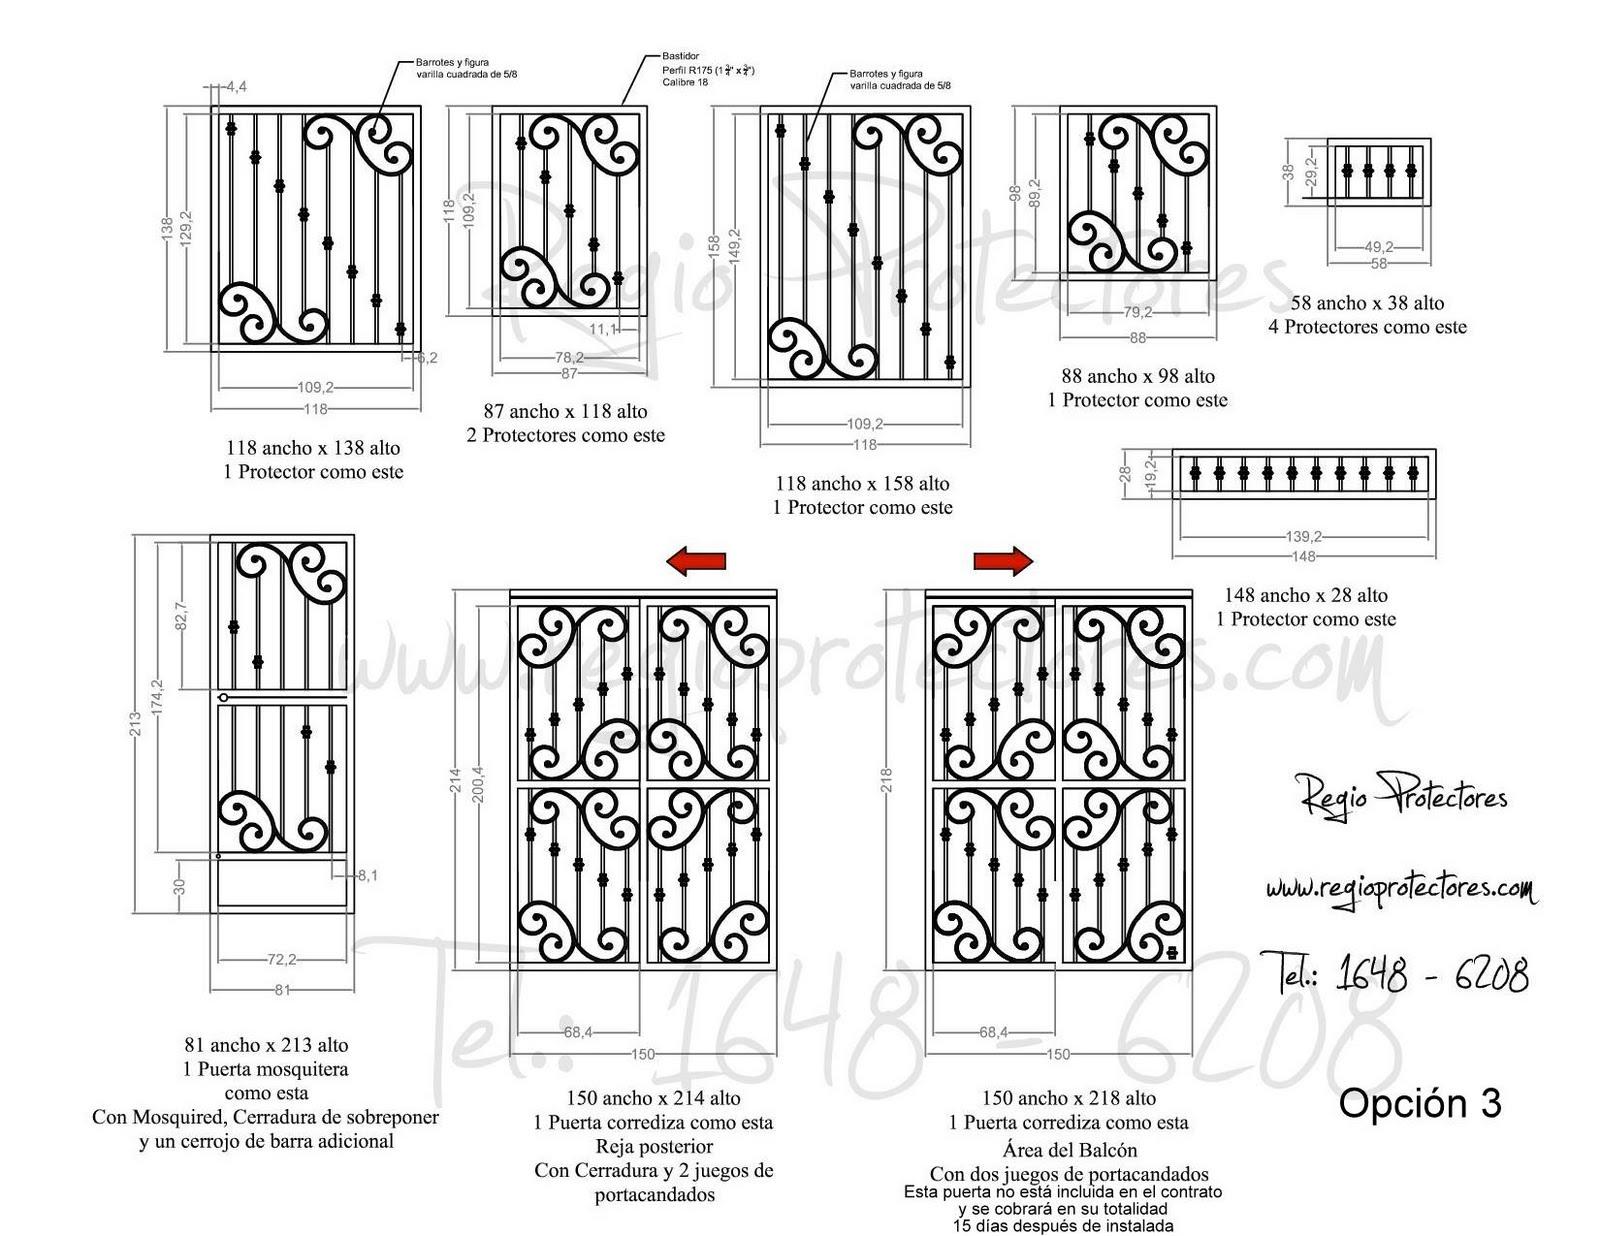 Pin imagenes casa puertas ventanas mitula casas portal on - Puertas de casa ...